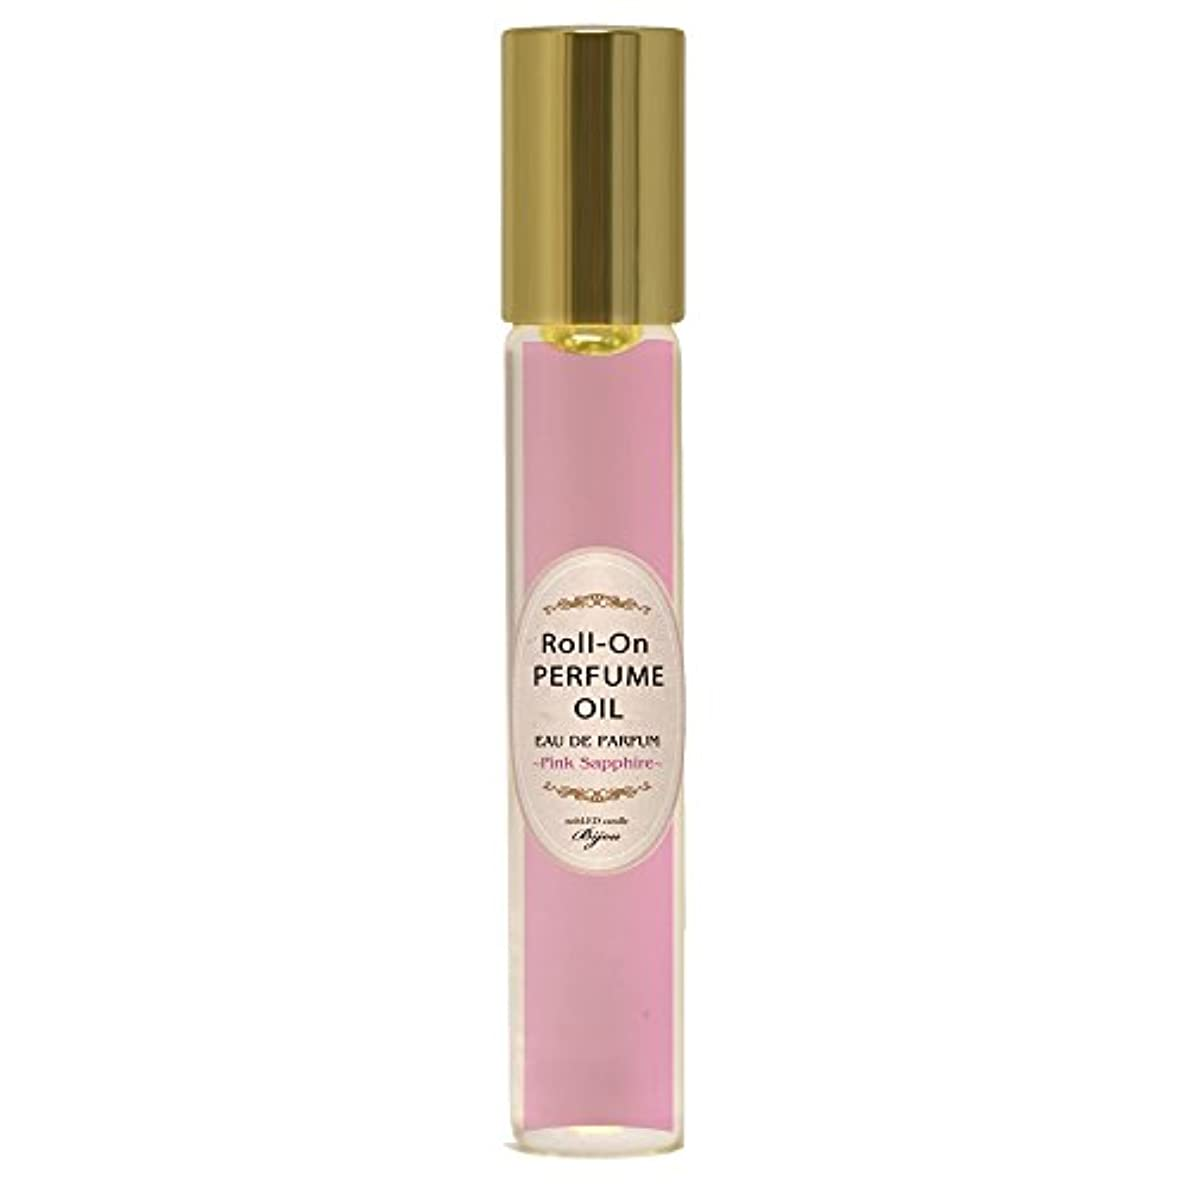 添付極めて重要な斧nobLED candle Bijou ロールオンパフュームオイル ピンクサファイア Pink Sapphire Roll-On PERFUME OIL ノーブレッド キャンドル ビジュー